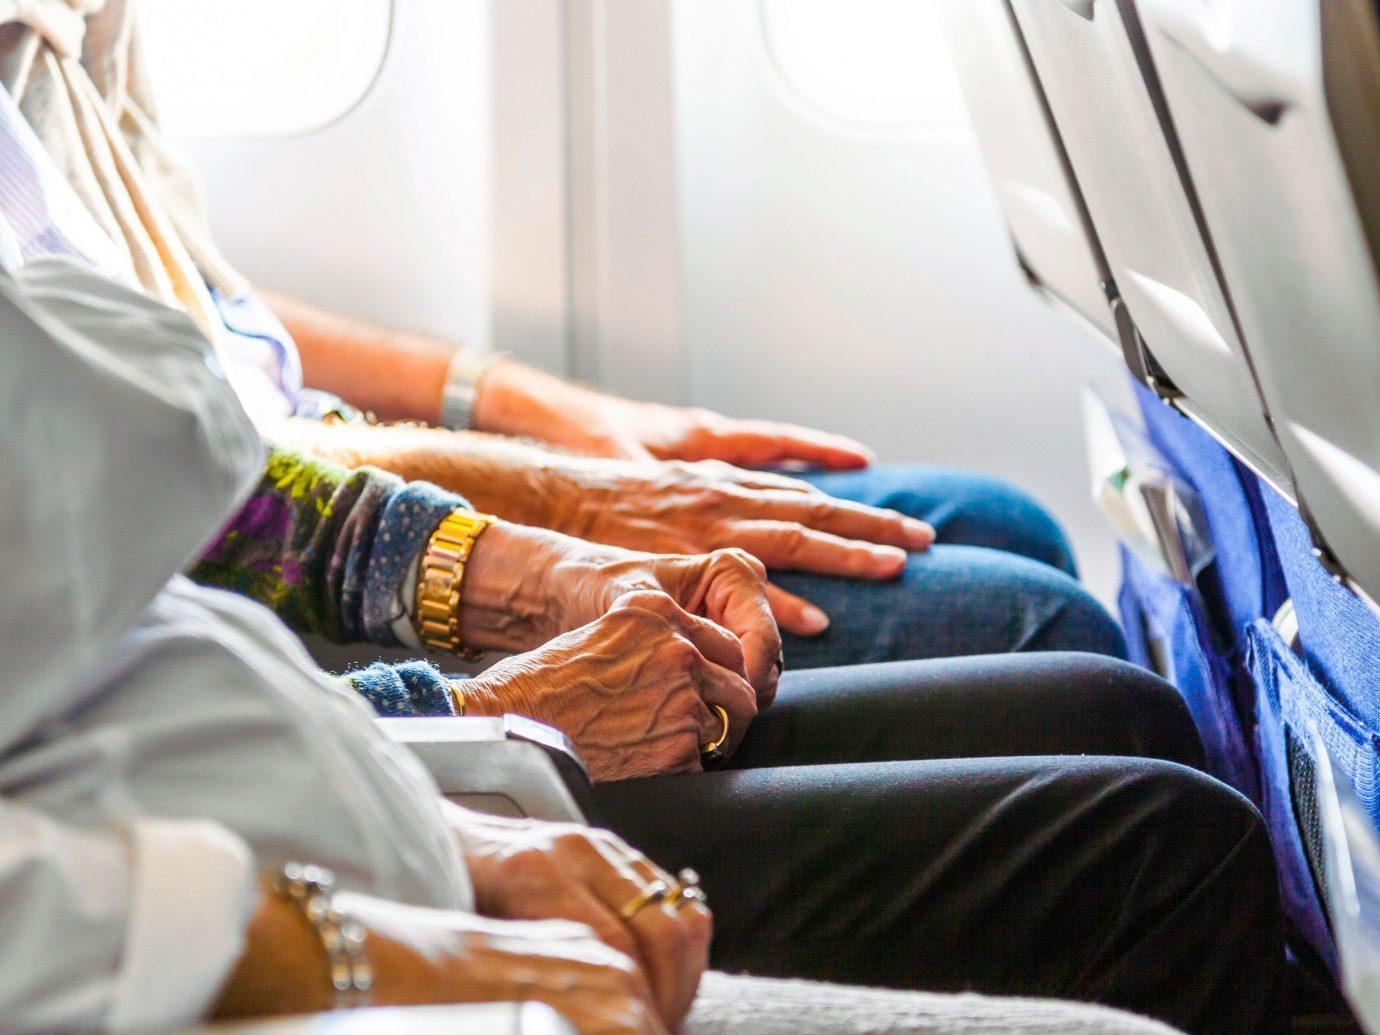 Offbeat indoor laptop arm sense patient